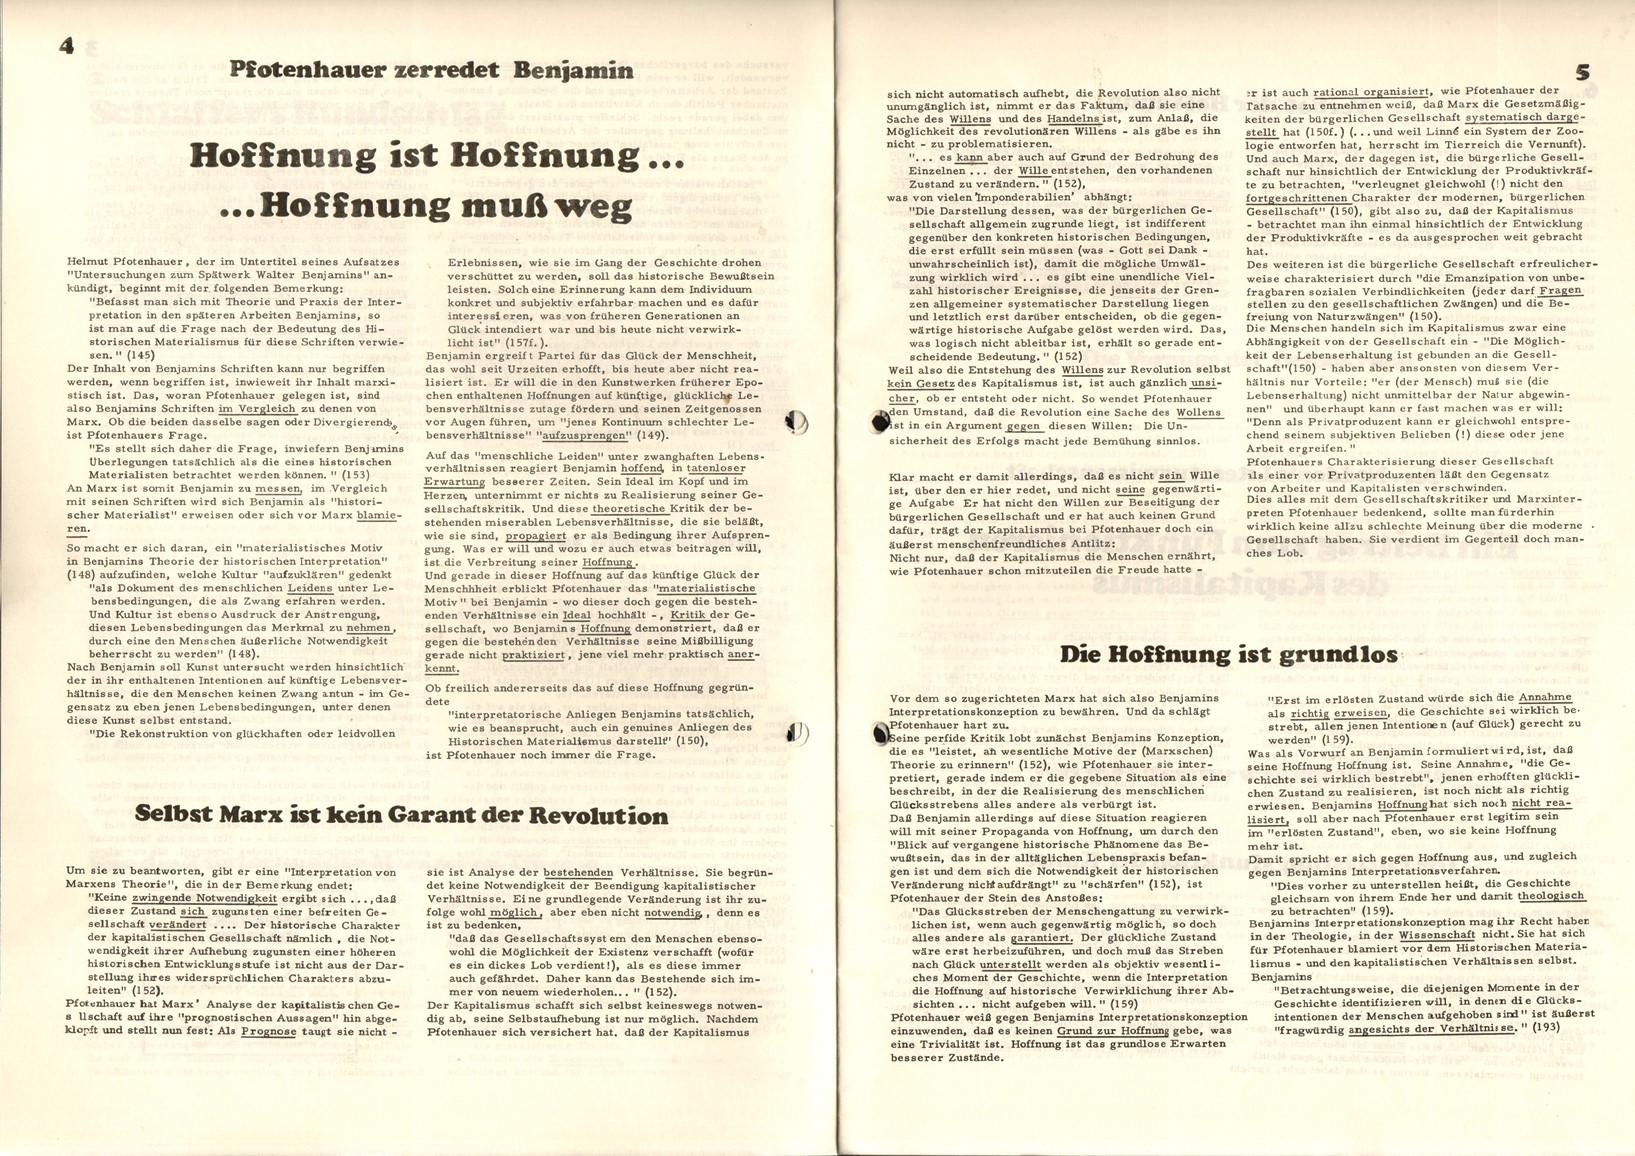 Muenchen_MG_FB_Sprach_Literaturwissenschaften_19751200_04